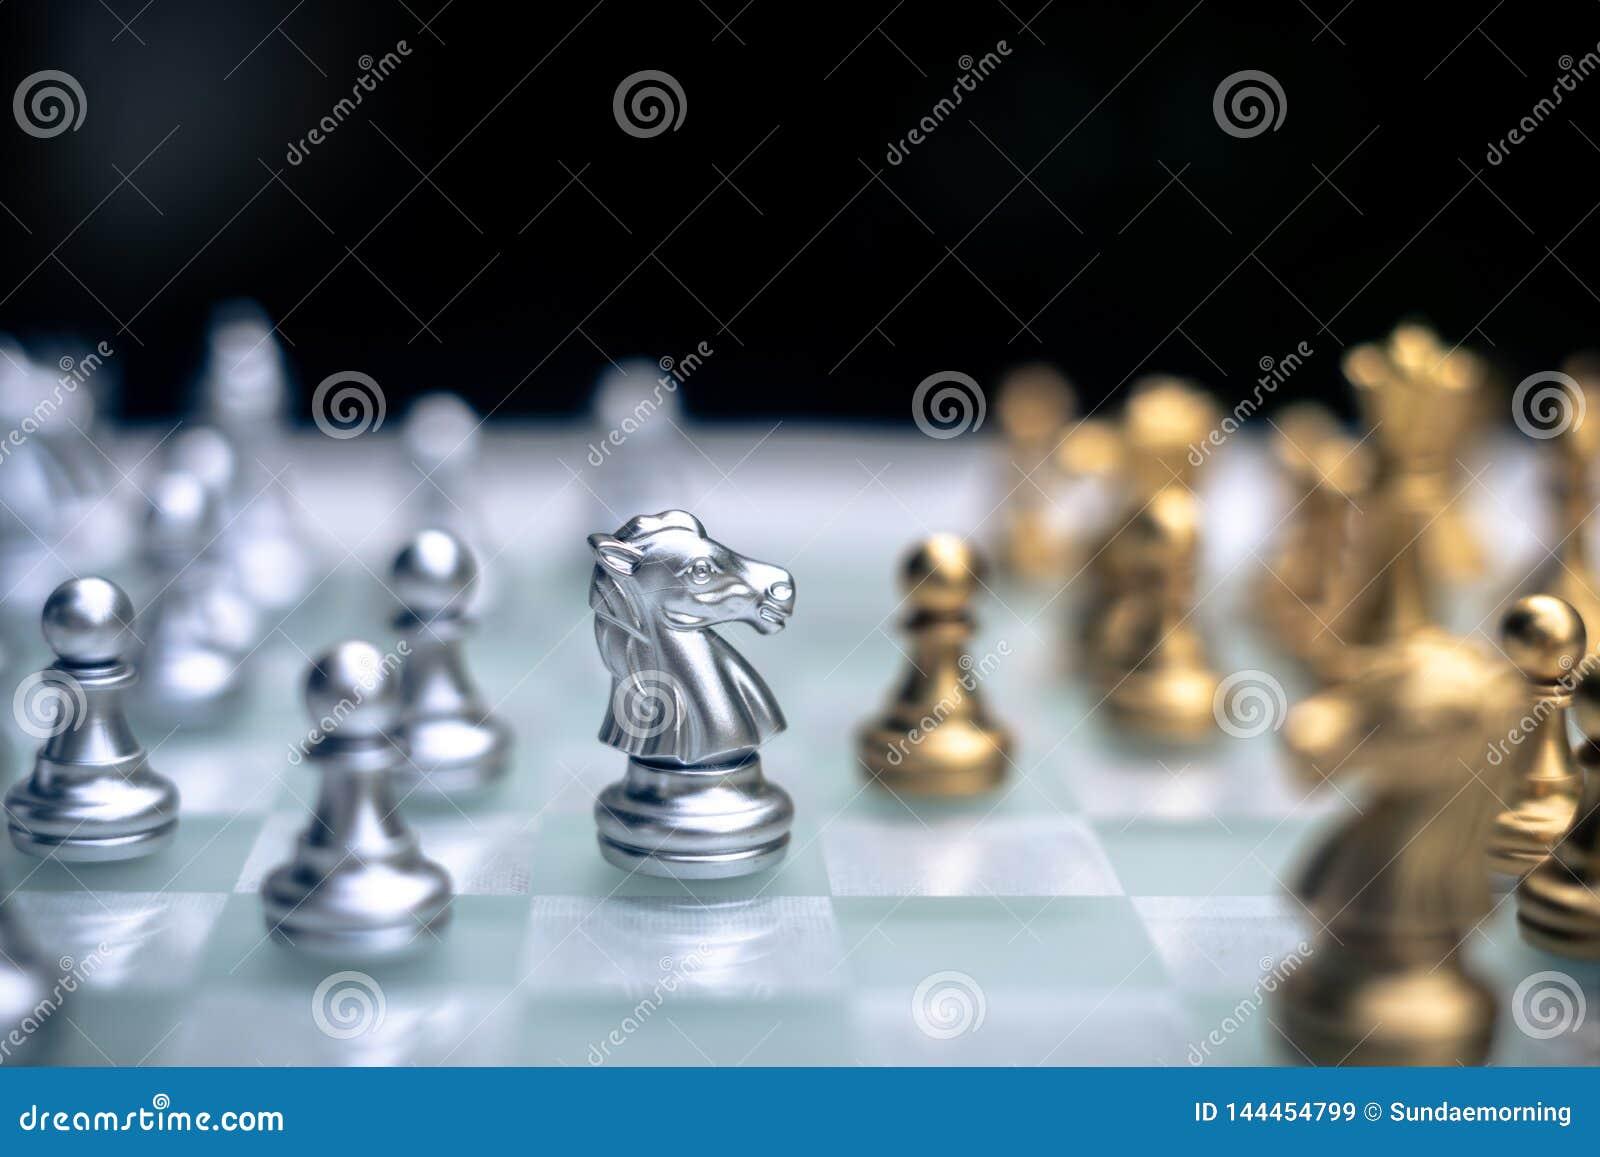 Szachowa gra planszowa, biznesowy konkurencyjny poj?cie